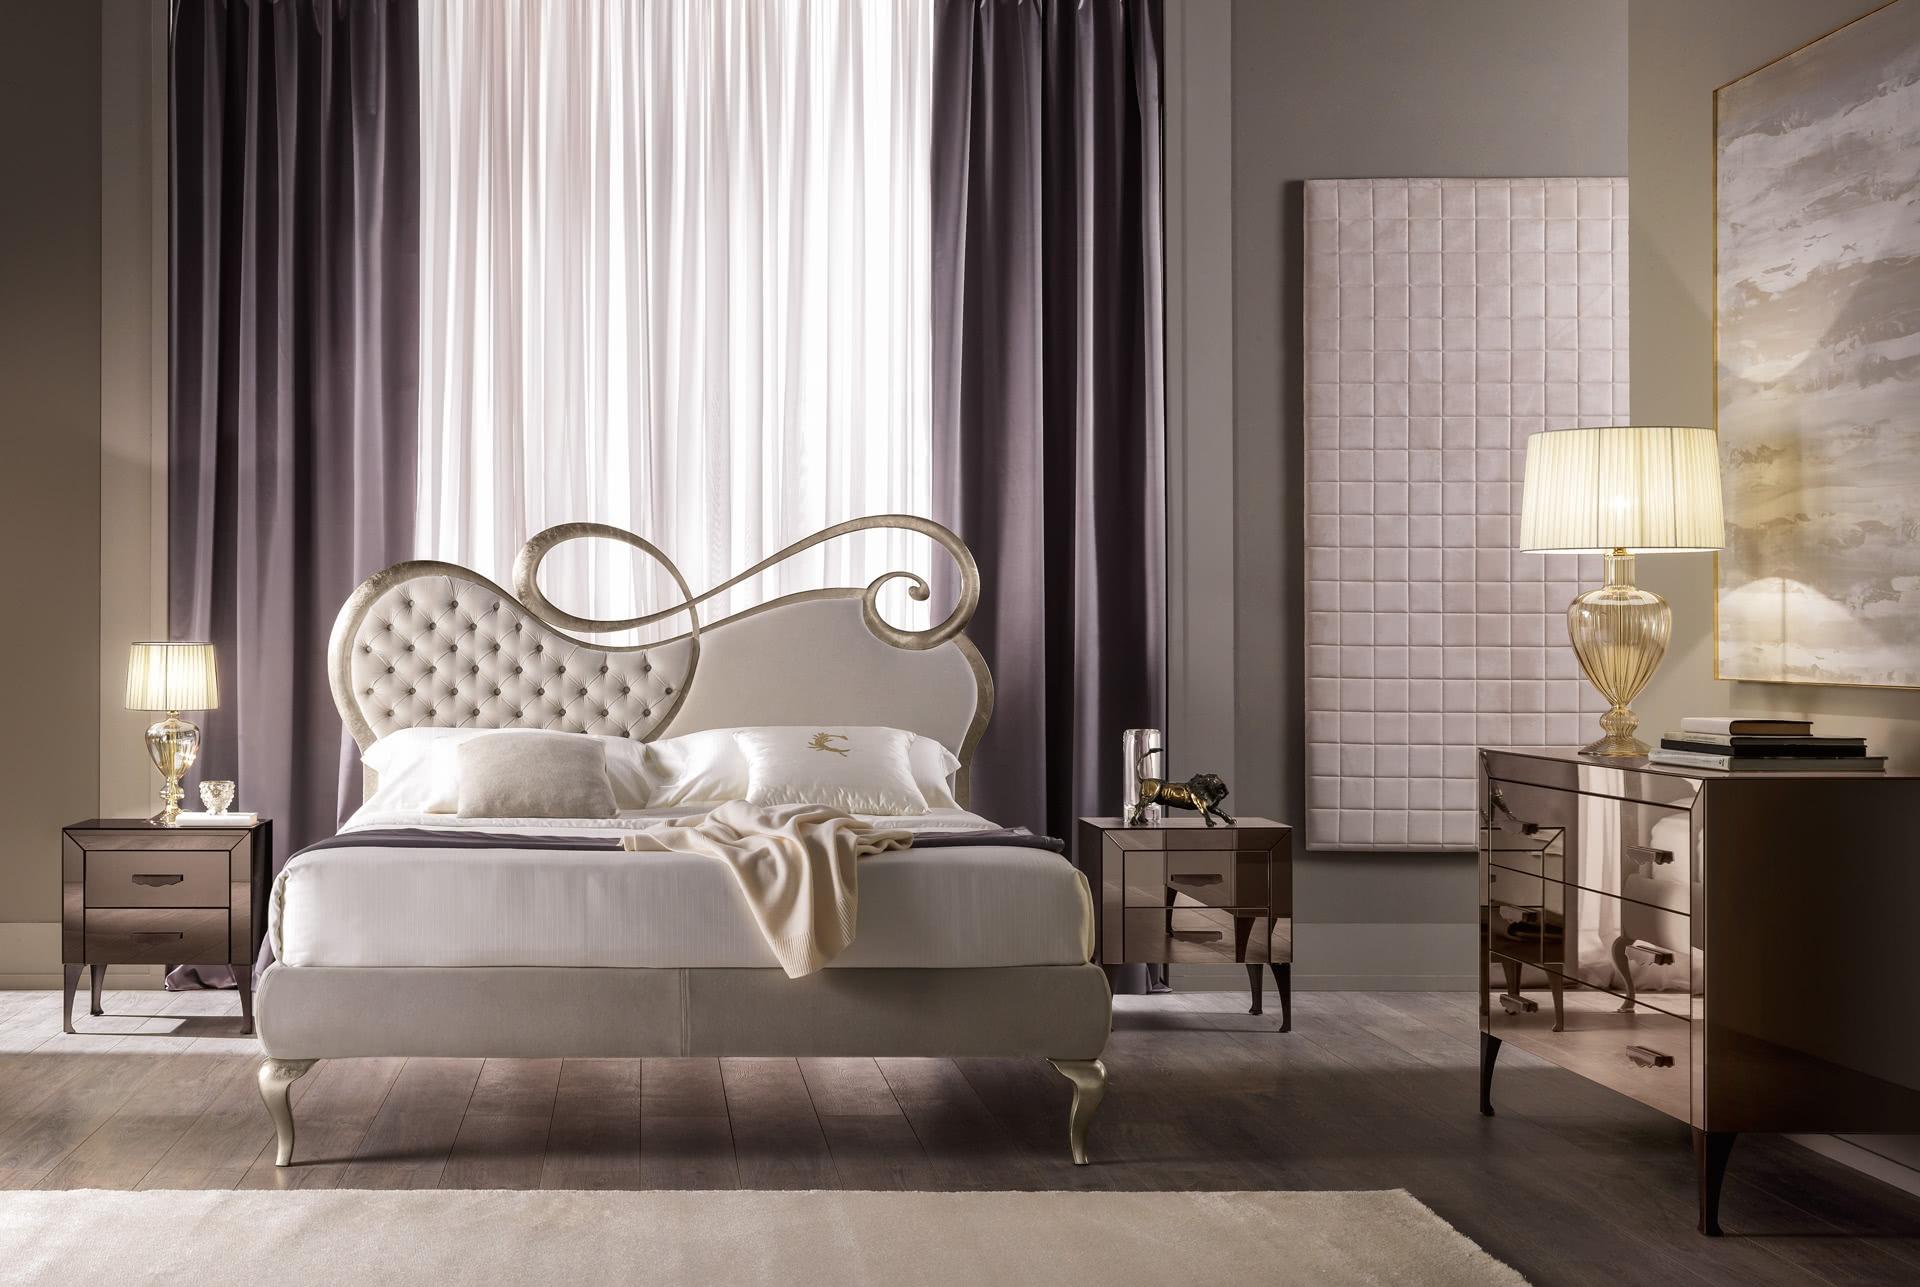 Chopin Eisen Bett mit Polster von Cantori - Banater Eisen